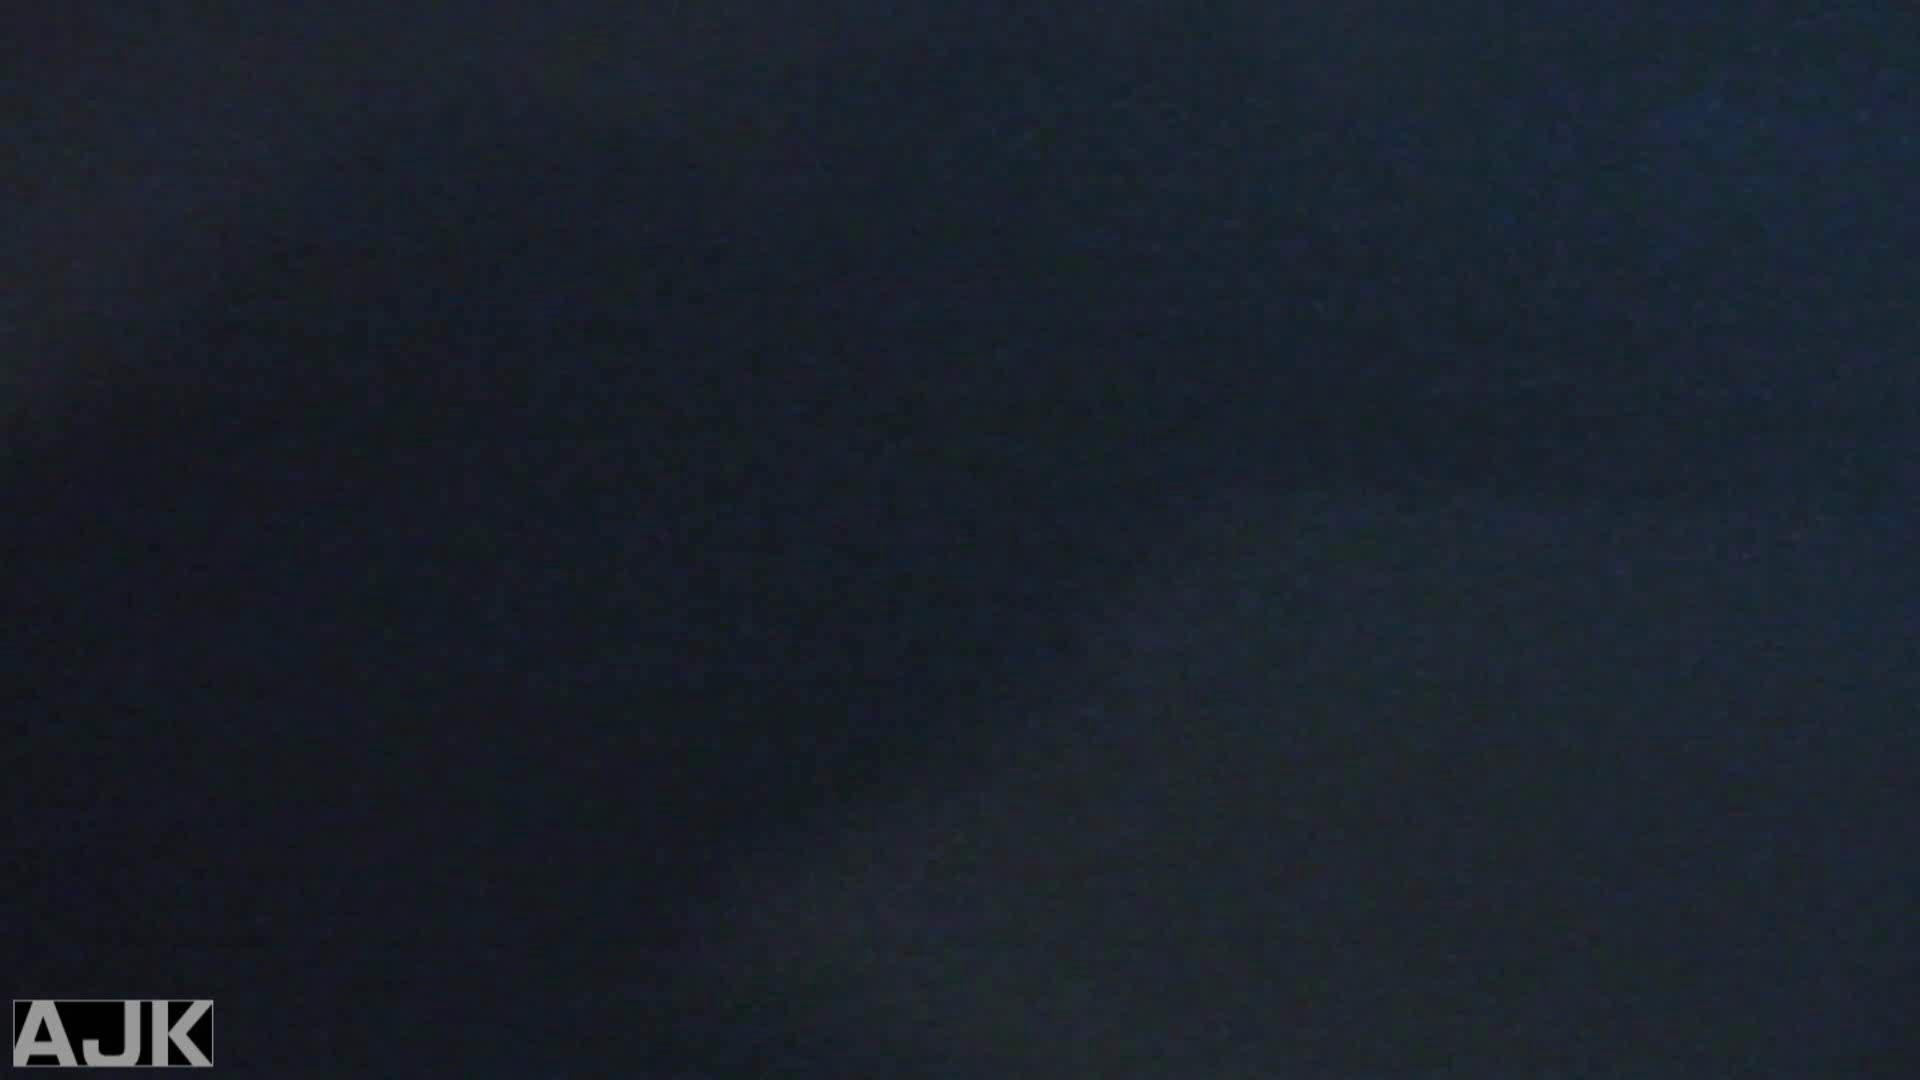 神降臨!史上最強の潜入かわや! vol.24 オマンコ  87連発 42